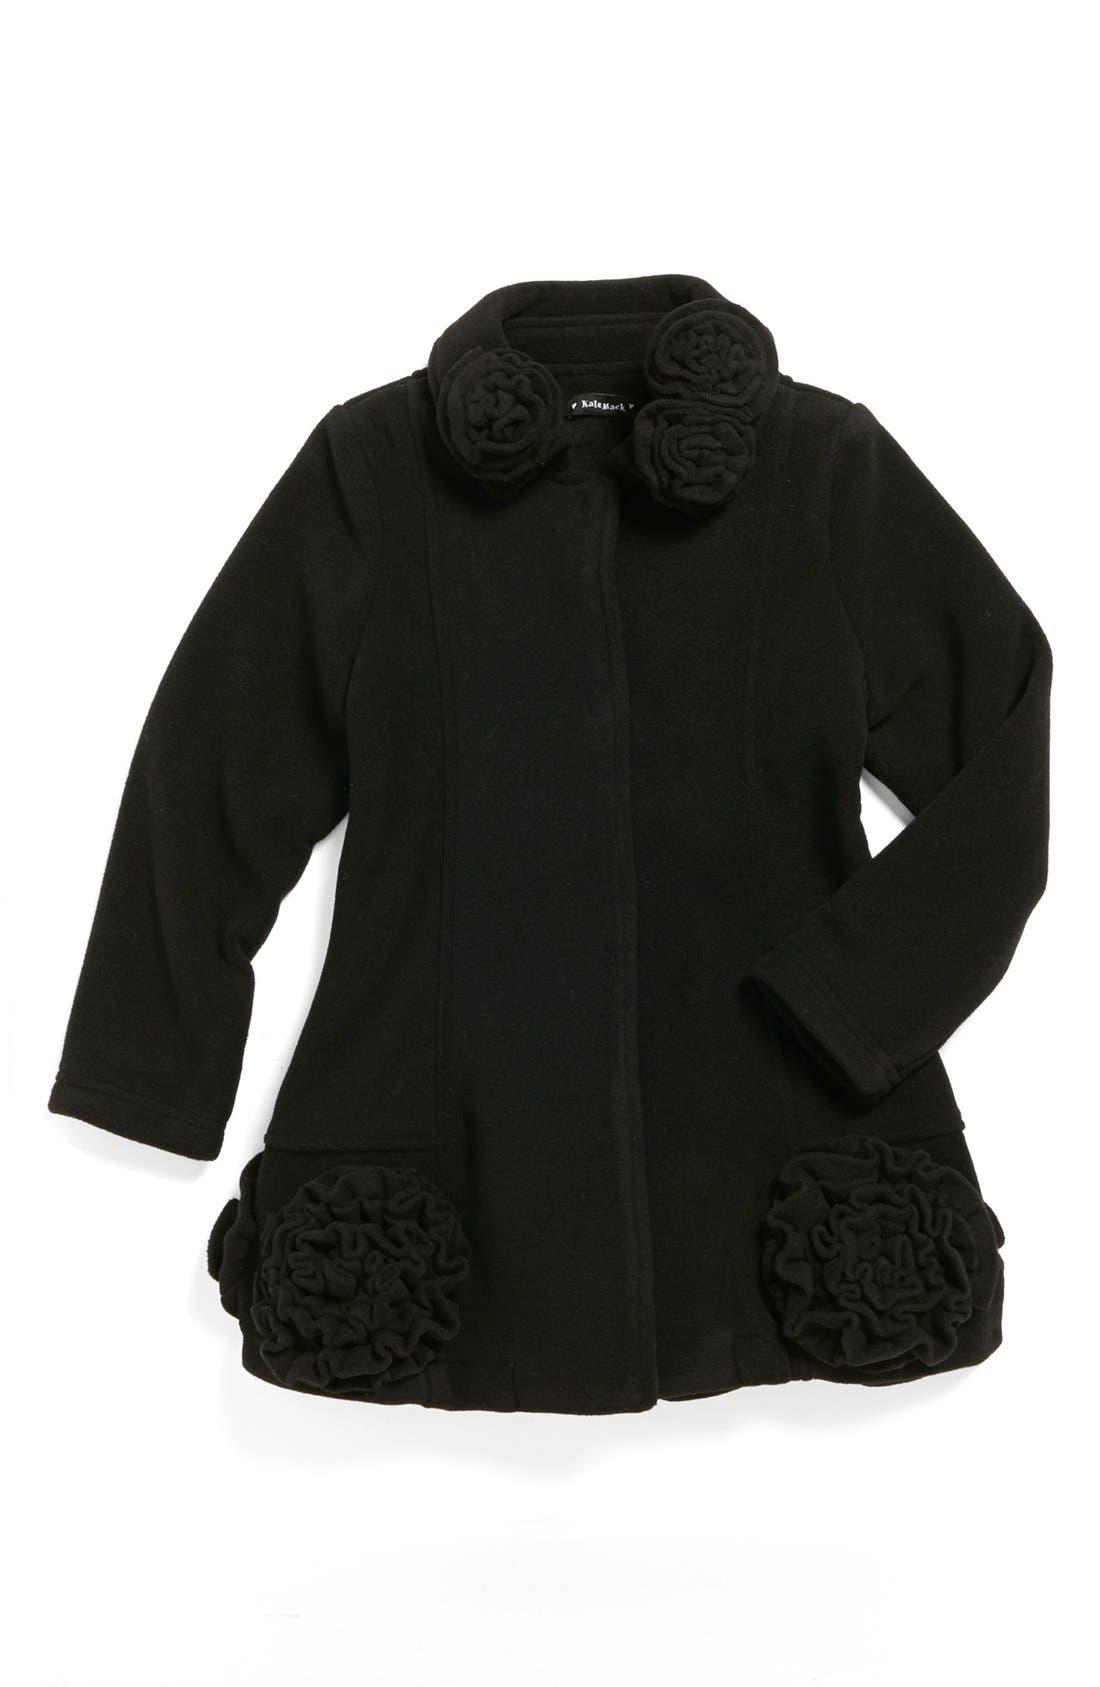 Main Image - Kate Mack Rosette Coat (Little Girls)